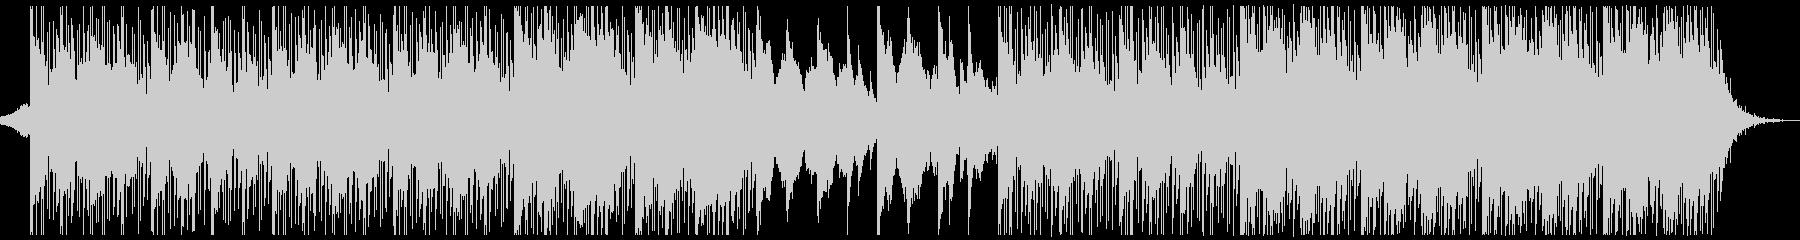 躍動感,オシャレCM、ドラム無バージョンの未再生の波形